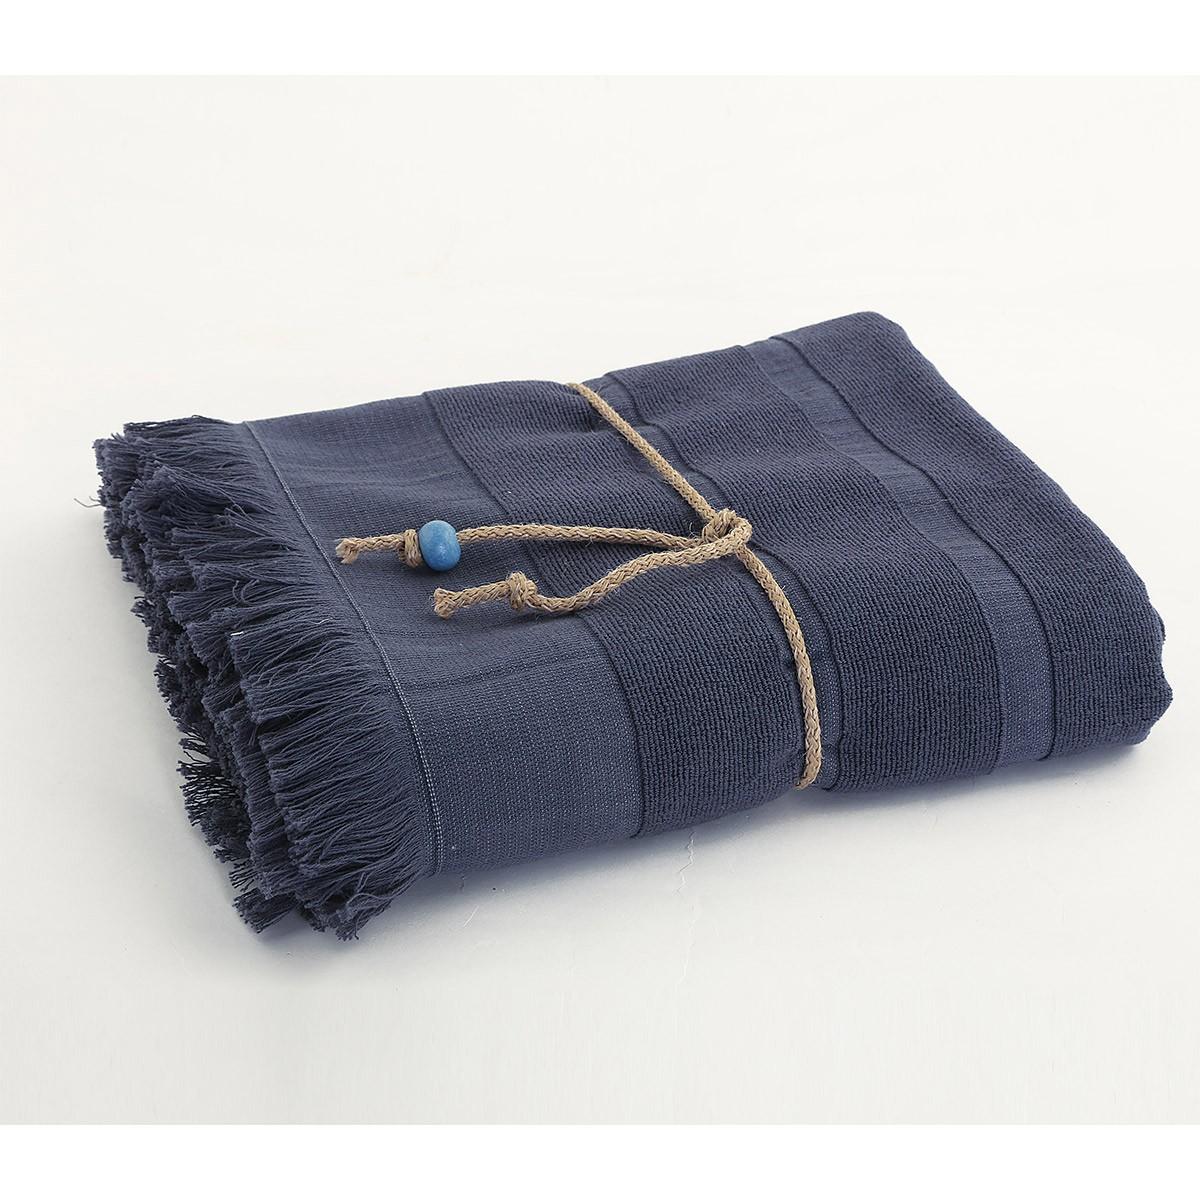 Πετσέτα Θαλάσσης-Παρεό Nef-Nef Blue Nomad